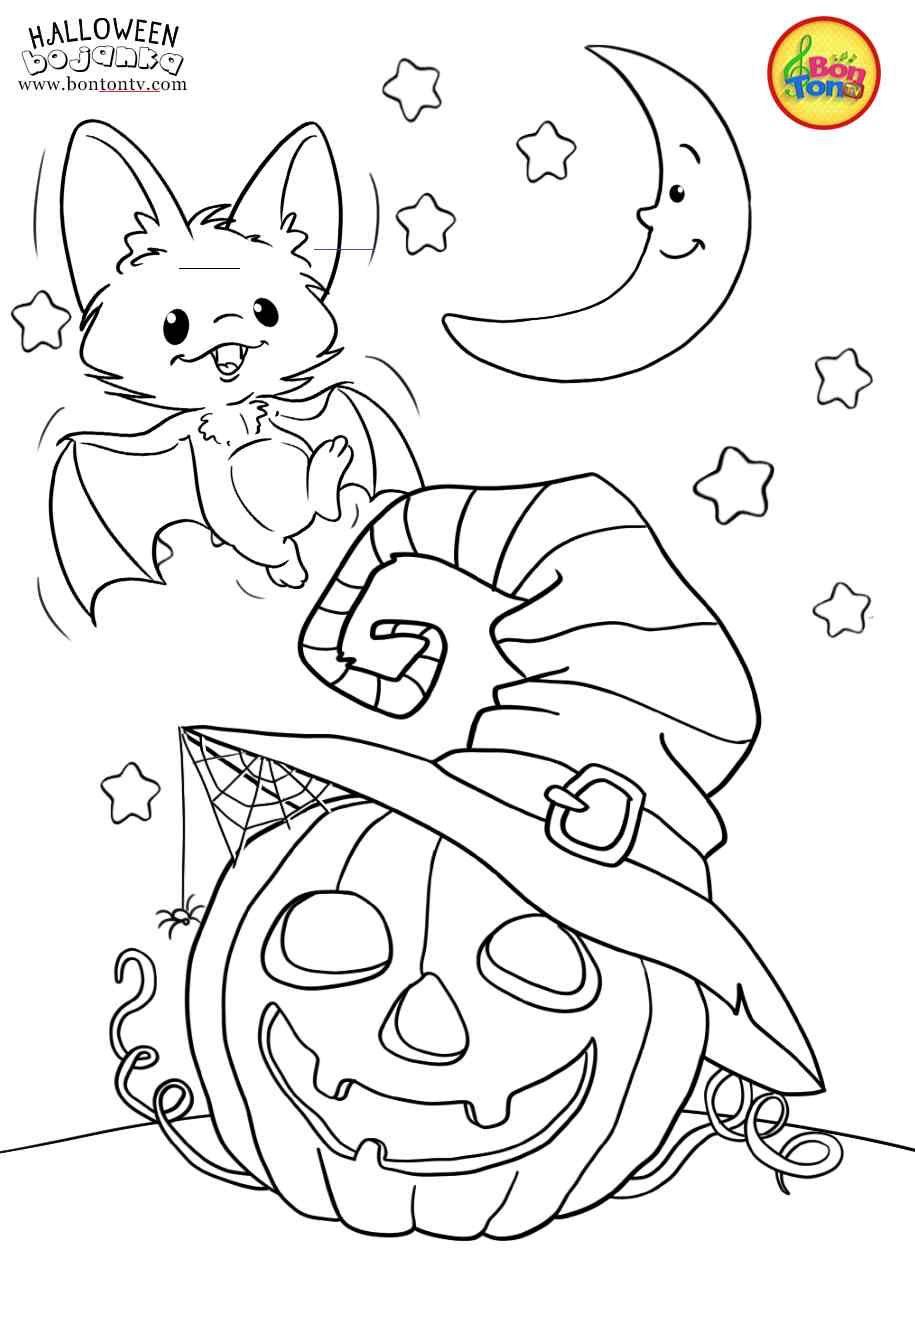 halloweencoloringpages em 2020 Desenhos do dia das